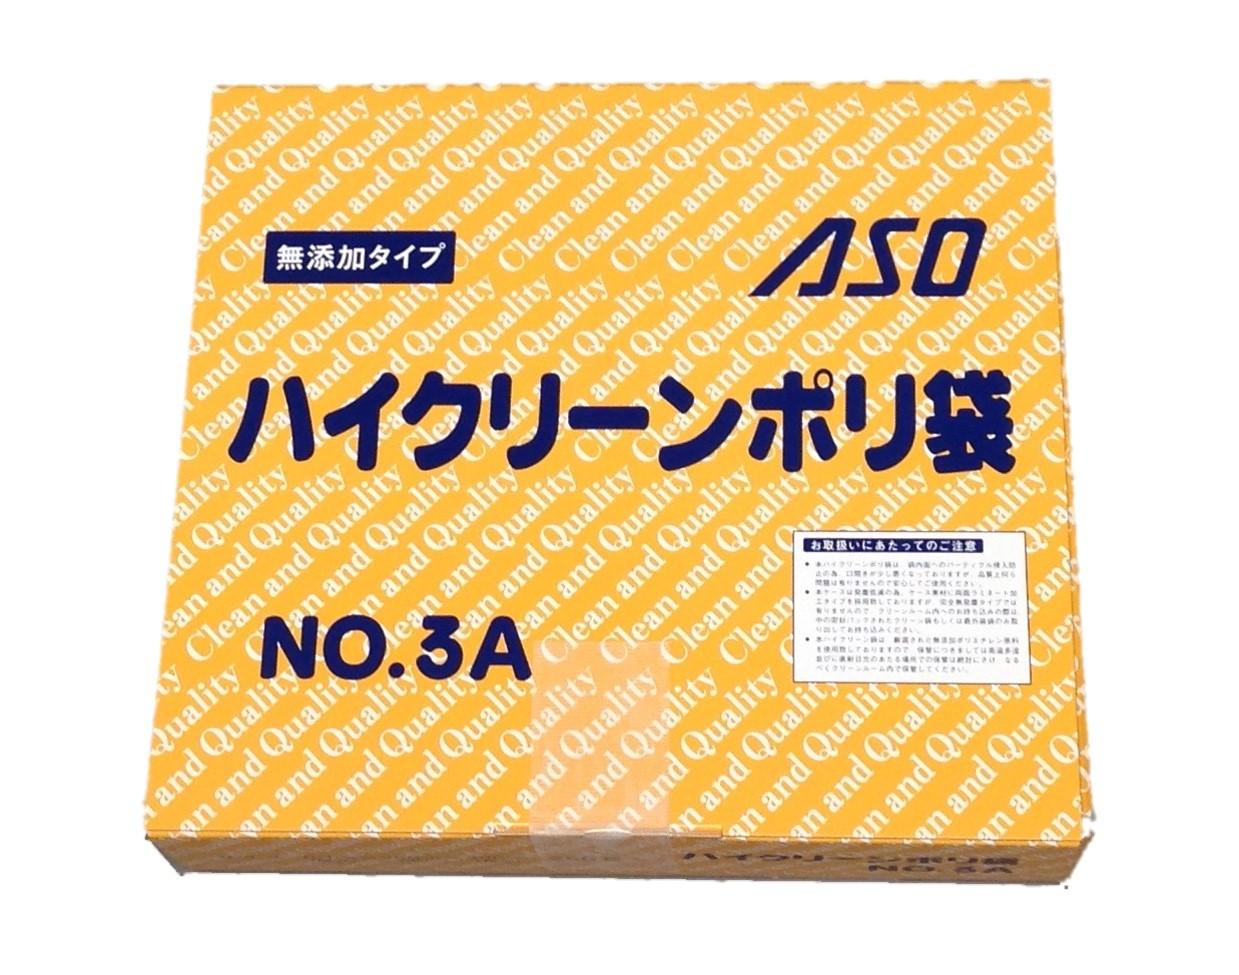 ハイクリーンポリ規格袋3A号(250枚入り)厚み0.1mm×幅250mm×長さ300mm(クリーン クリーンポリ袋 規格袋 透明)●袋屋本舗